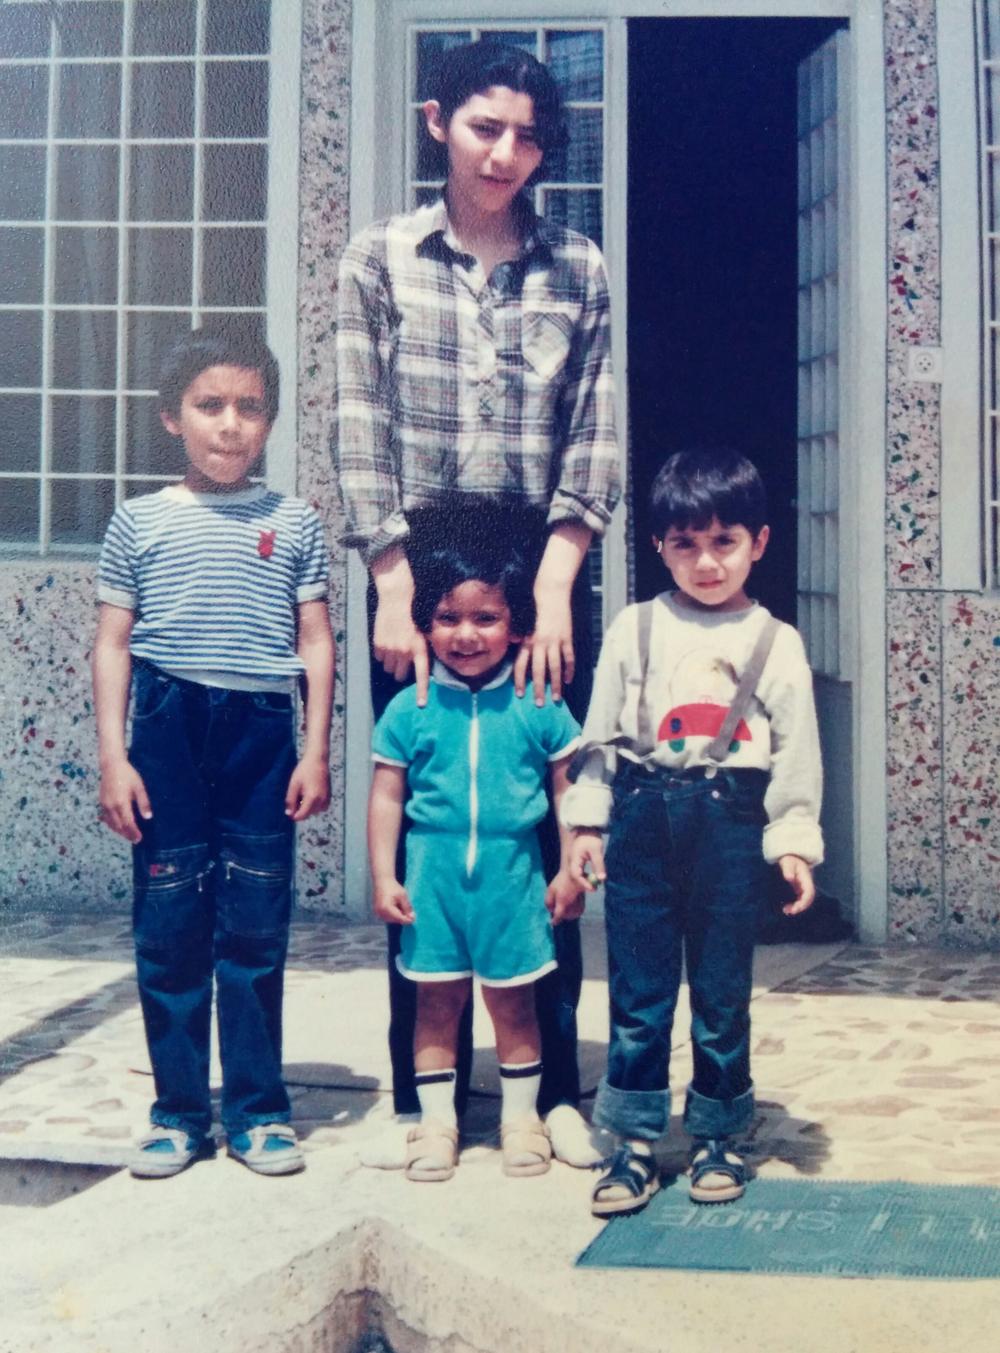 Shahsavar 1987 Iran